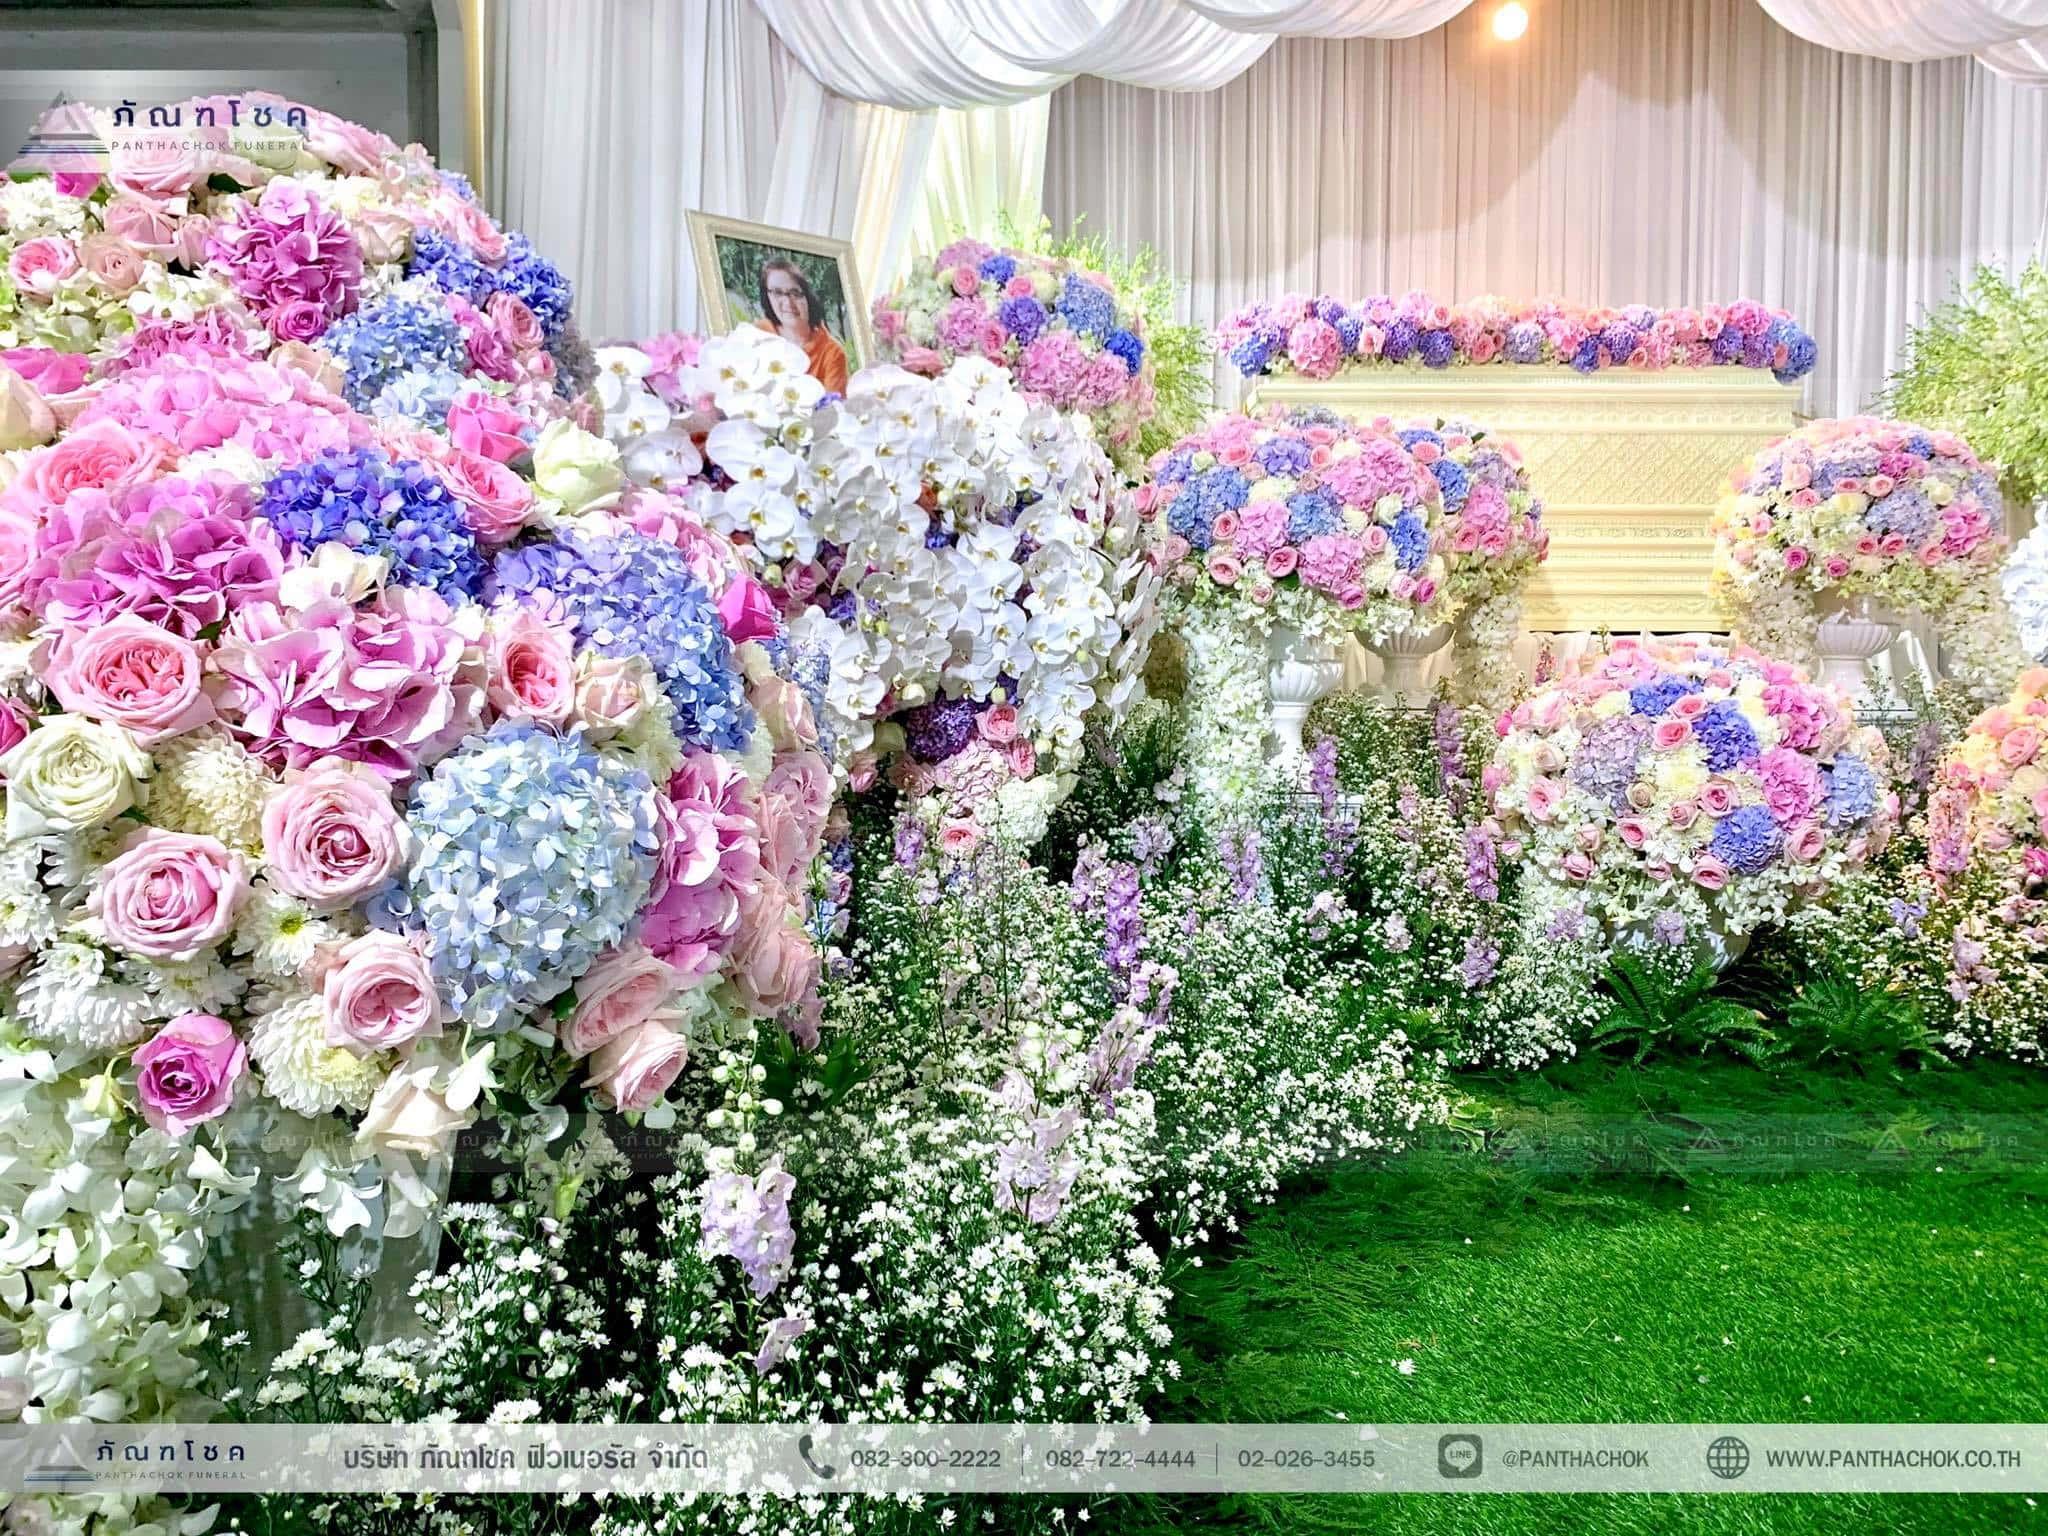 ชุดดอกไม้ประดับหน้าหีบ สไตล์ผู้ดีอังกฤษจิบชายามบ่าย (งานศพคุณแม่ของคุณอ๊อฟ ปองศักดิ์) 7